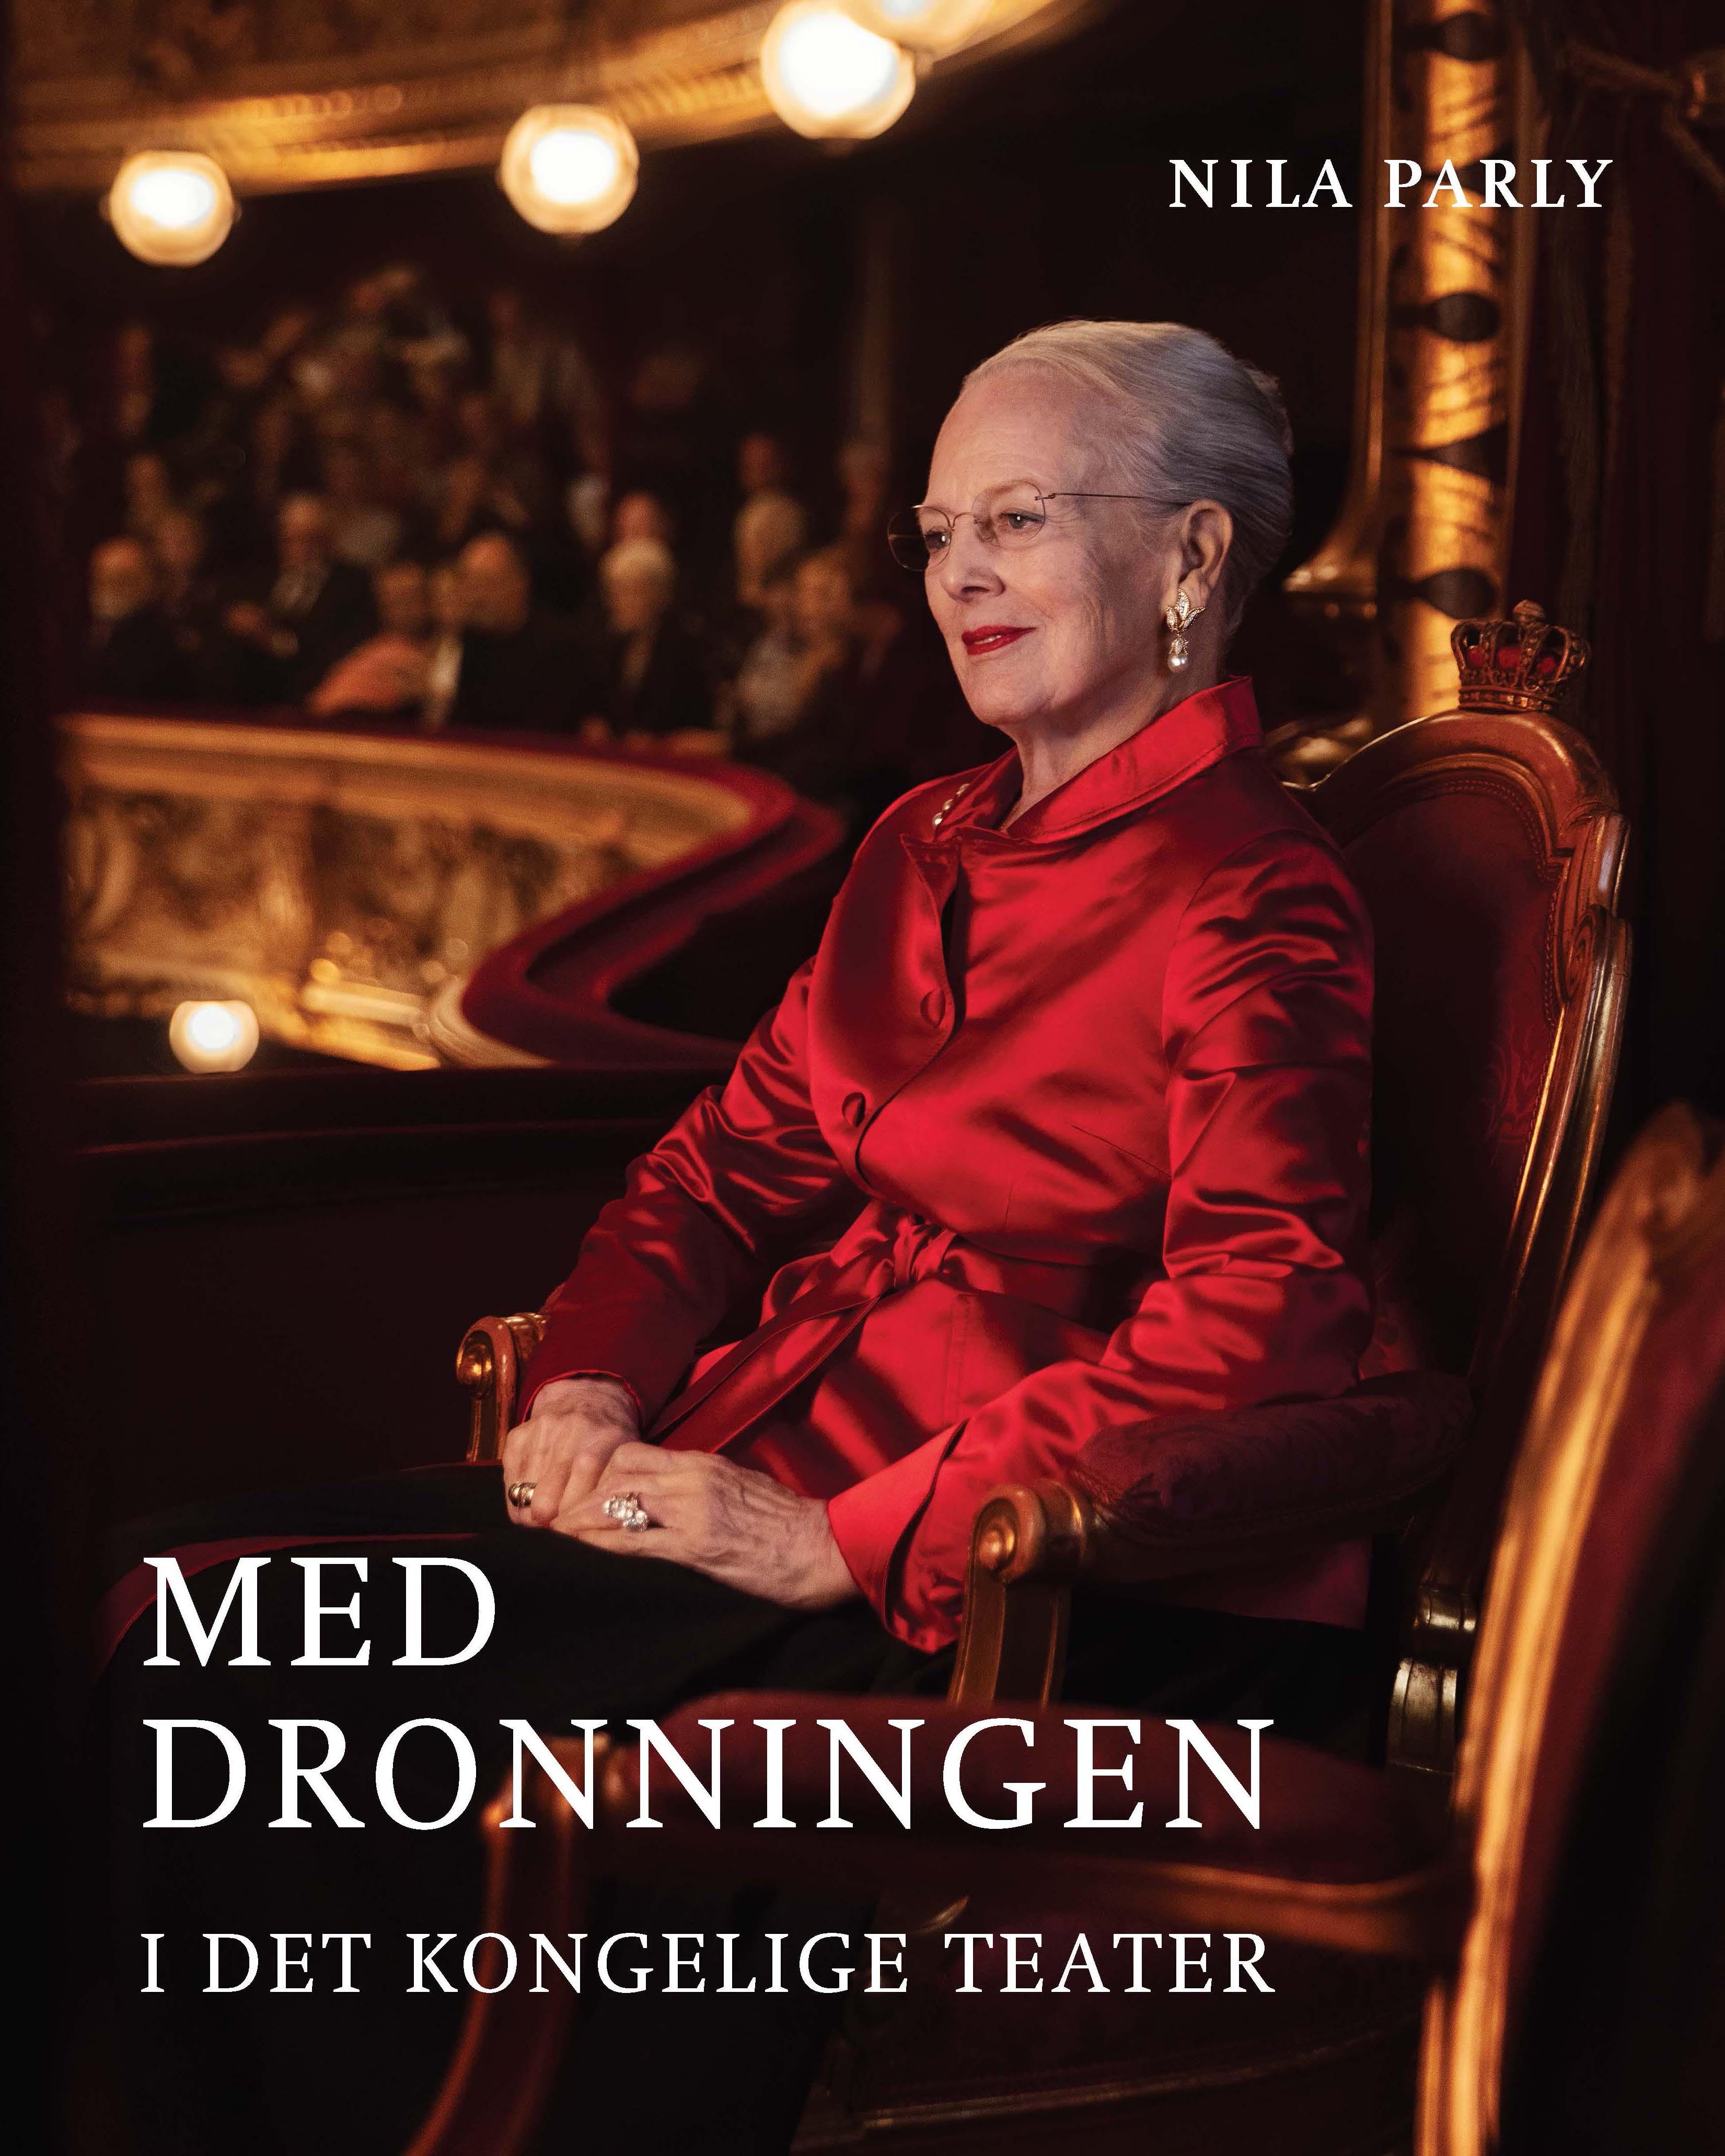 Med dronningen i Det Kongelige Teater - Nila Parly - Bøger - Politikens Forlag - 9788740046885 - 25/3-2020